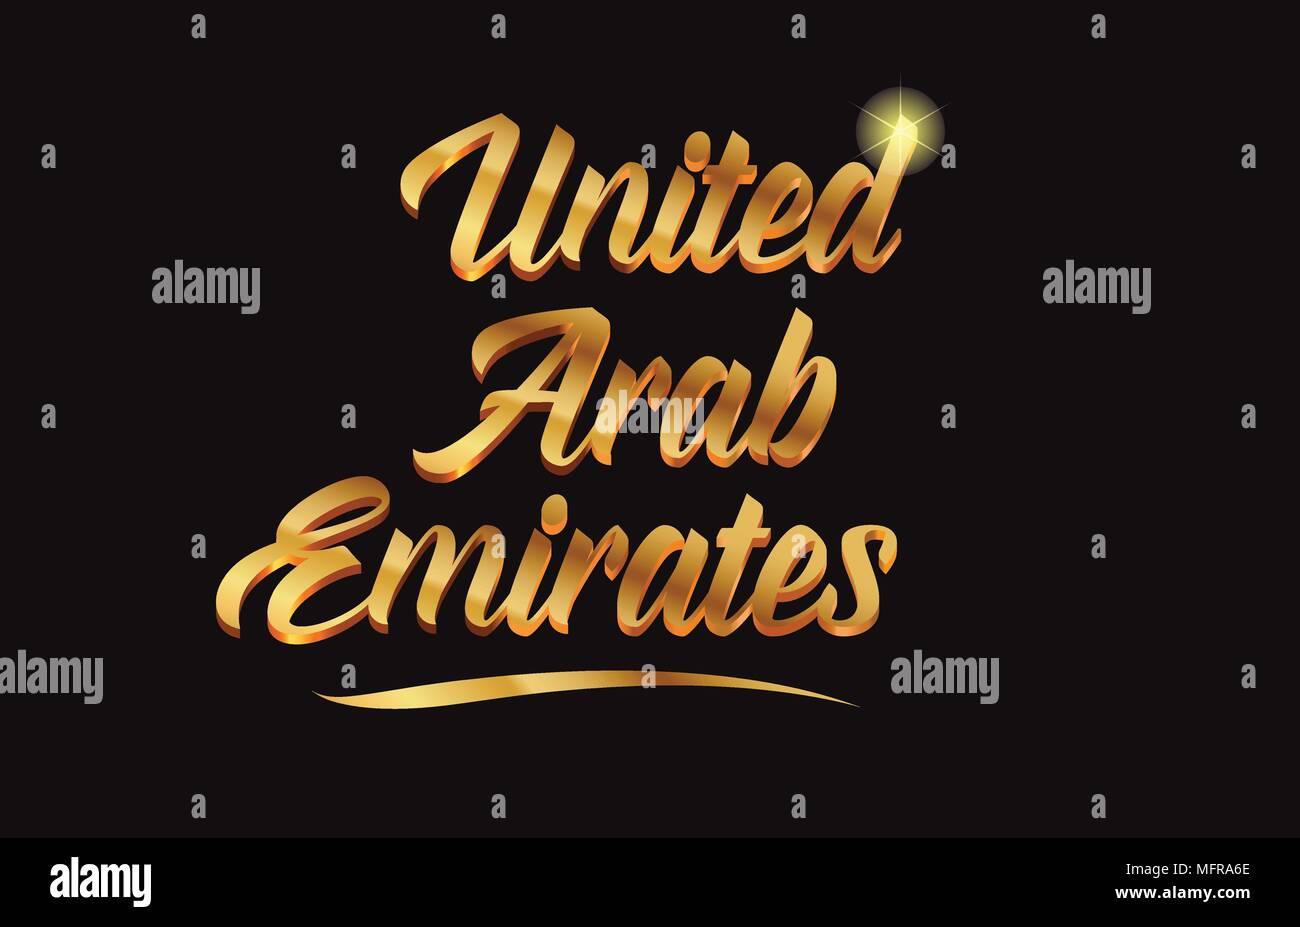 Emirats Arabes Unis Texte Word Or Avec Sparkle Glitter Et Convient Pour Carte De Visite Brochure Ou Typographie Logo Design